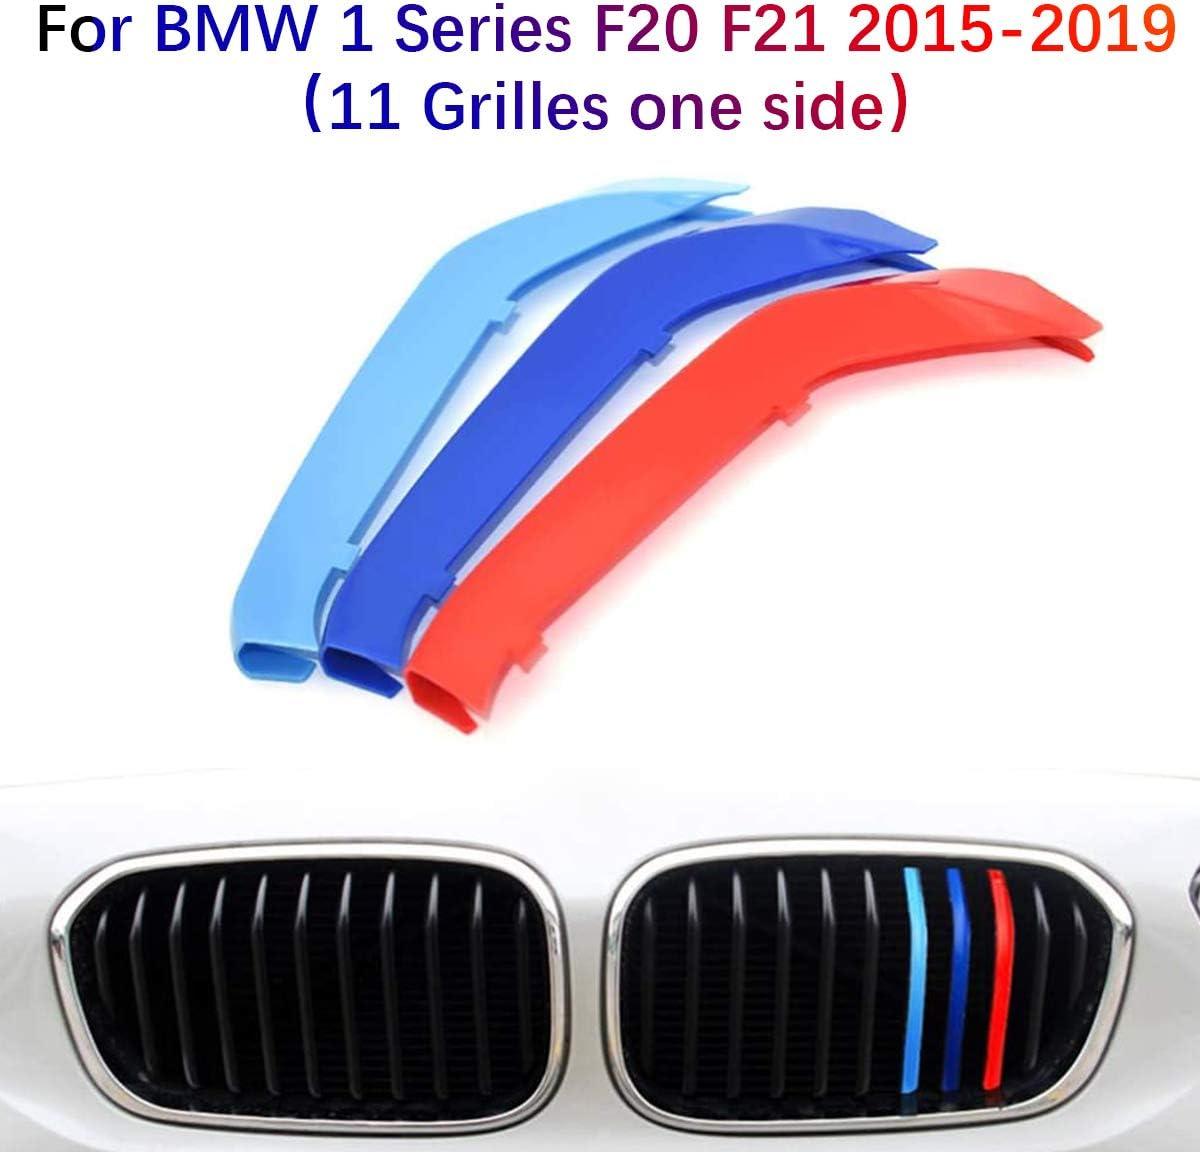 3D Coche Rejillas Frontales Para BMW Serie 1 F20 F21 2015-2019(11 Rejillas)Parrilla Delantera Trim M-Colore Cubierta Pegatinas Decoración 3 Piezas